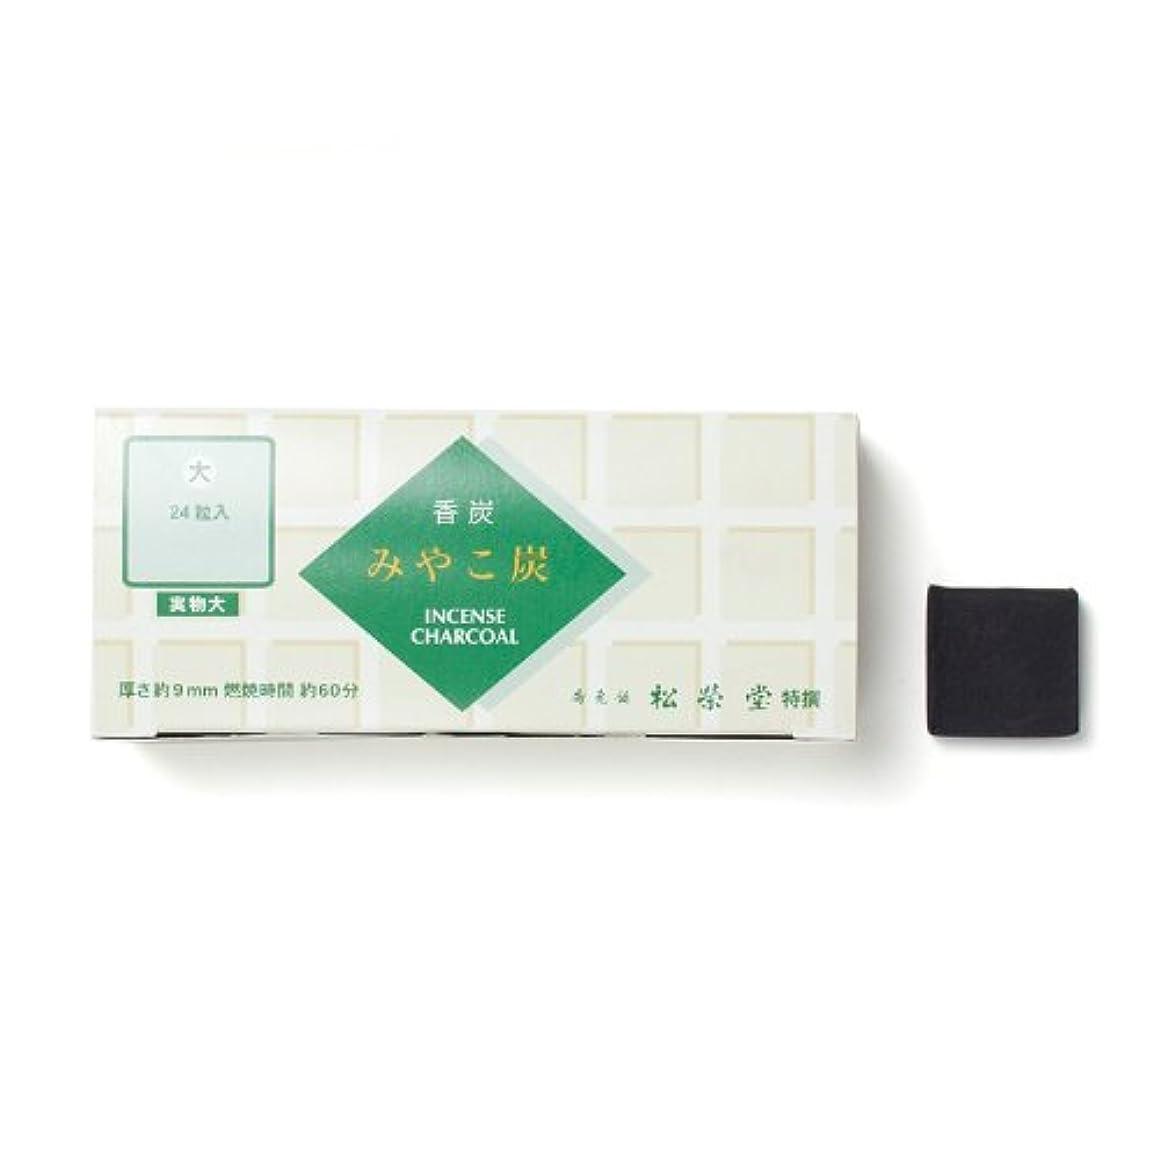 レクリエーションゴムおばあさん松栄堂の香炭 みやこ炭 B大24粒 緑箱 #750112